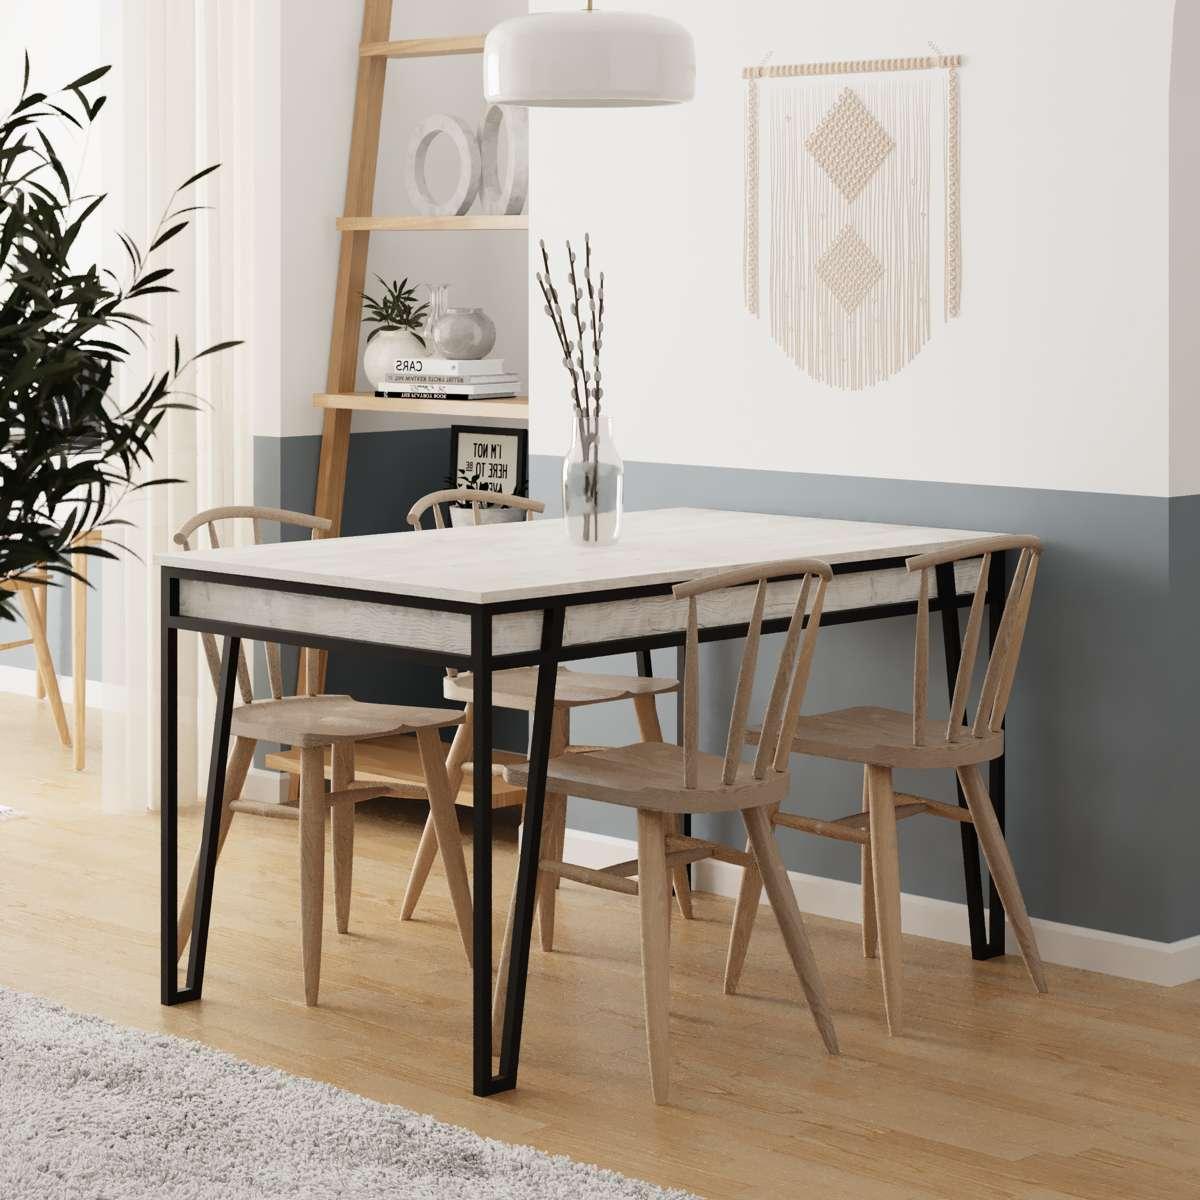 שולחן אוכל דגם Pal Dining Table אלון מולבן מסדרת Decoline